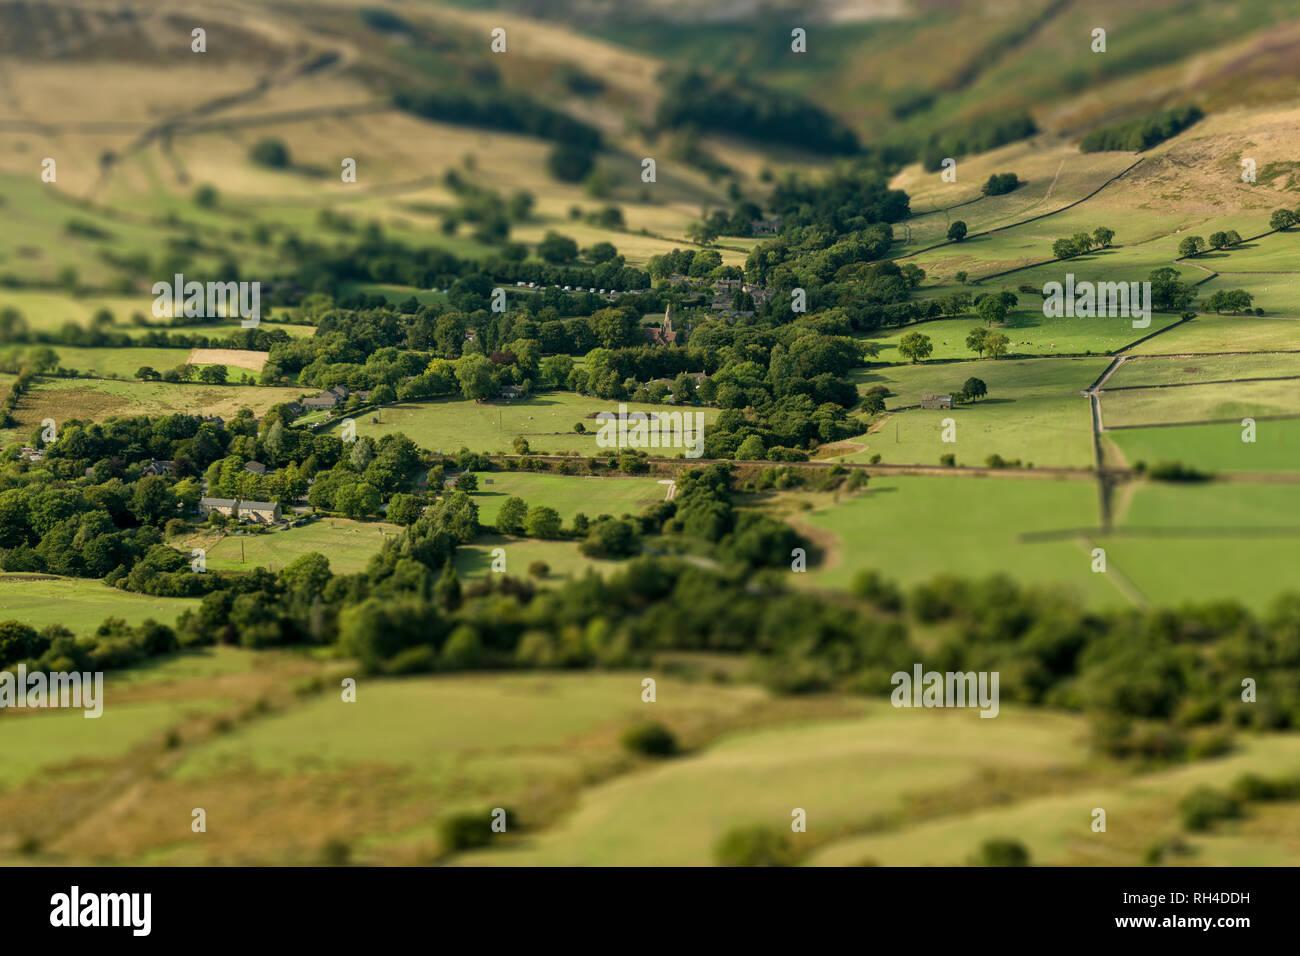 Edale villaggio dato il tilt shift look, shot dal vertice di Mam Tor nel Parco Nazionale del Peak District. Immagini Stock